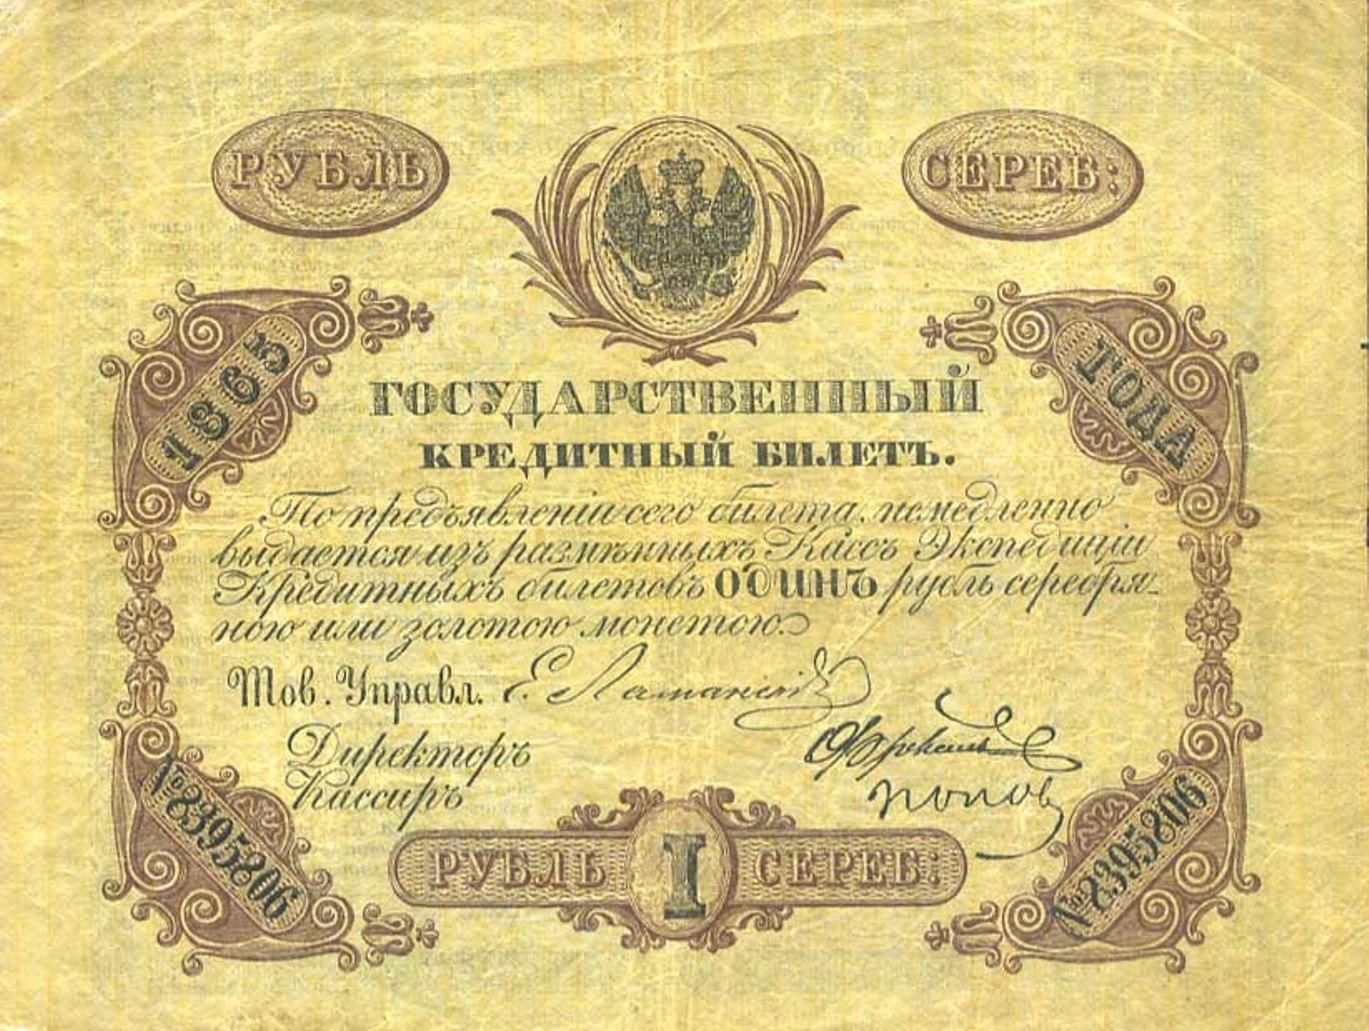 Как бумаги стали ценными: художественная история банкнот. Галерея 2. Узоры в качестве защиты